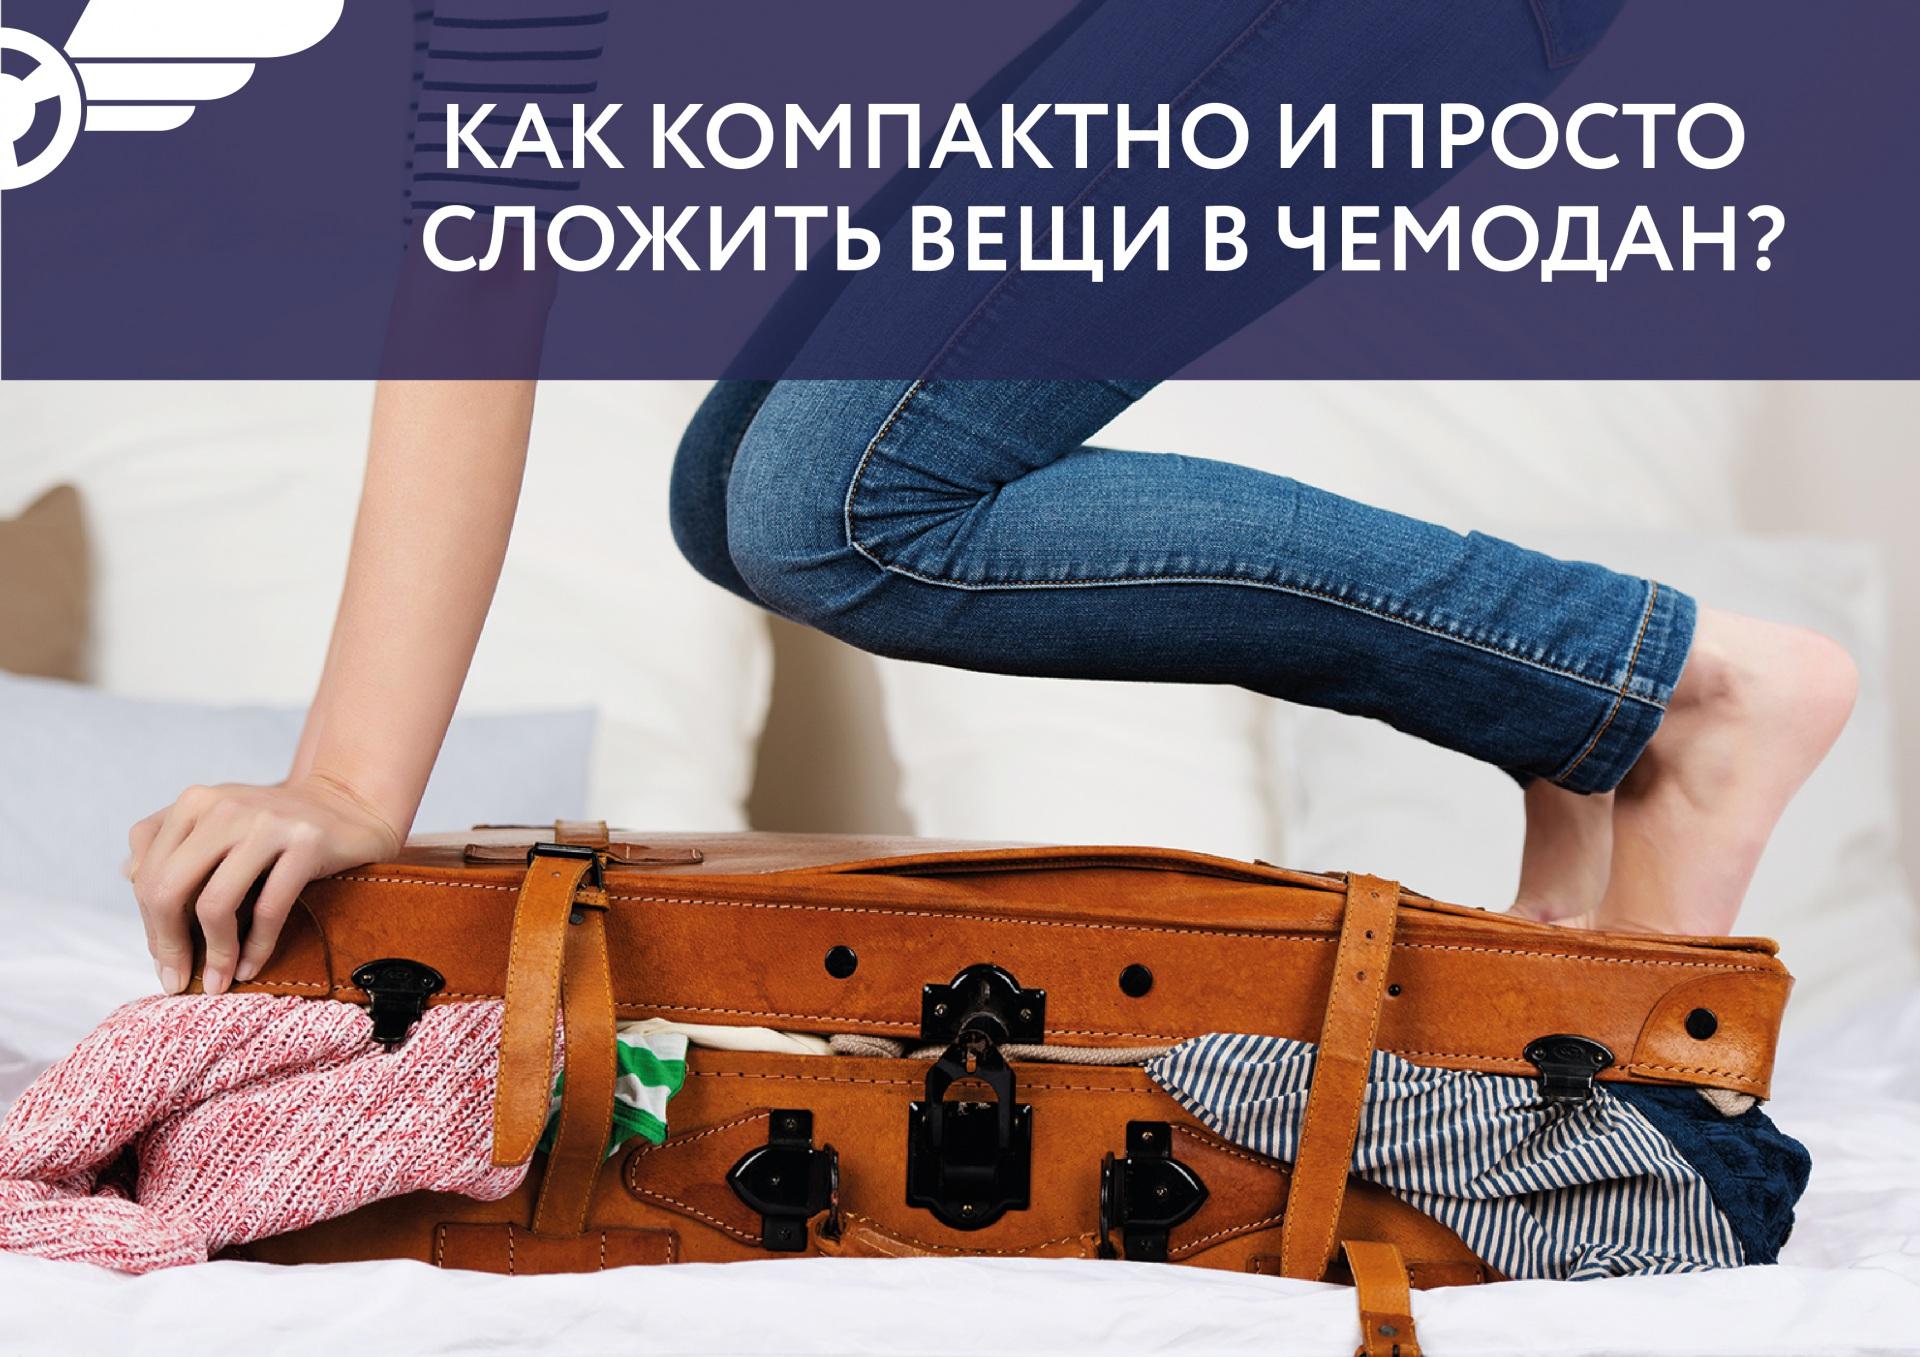 Post-dlya-VK_Veschi-v-chemodan-01.jpg